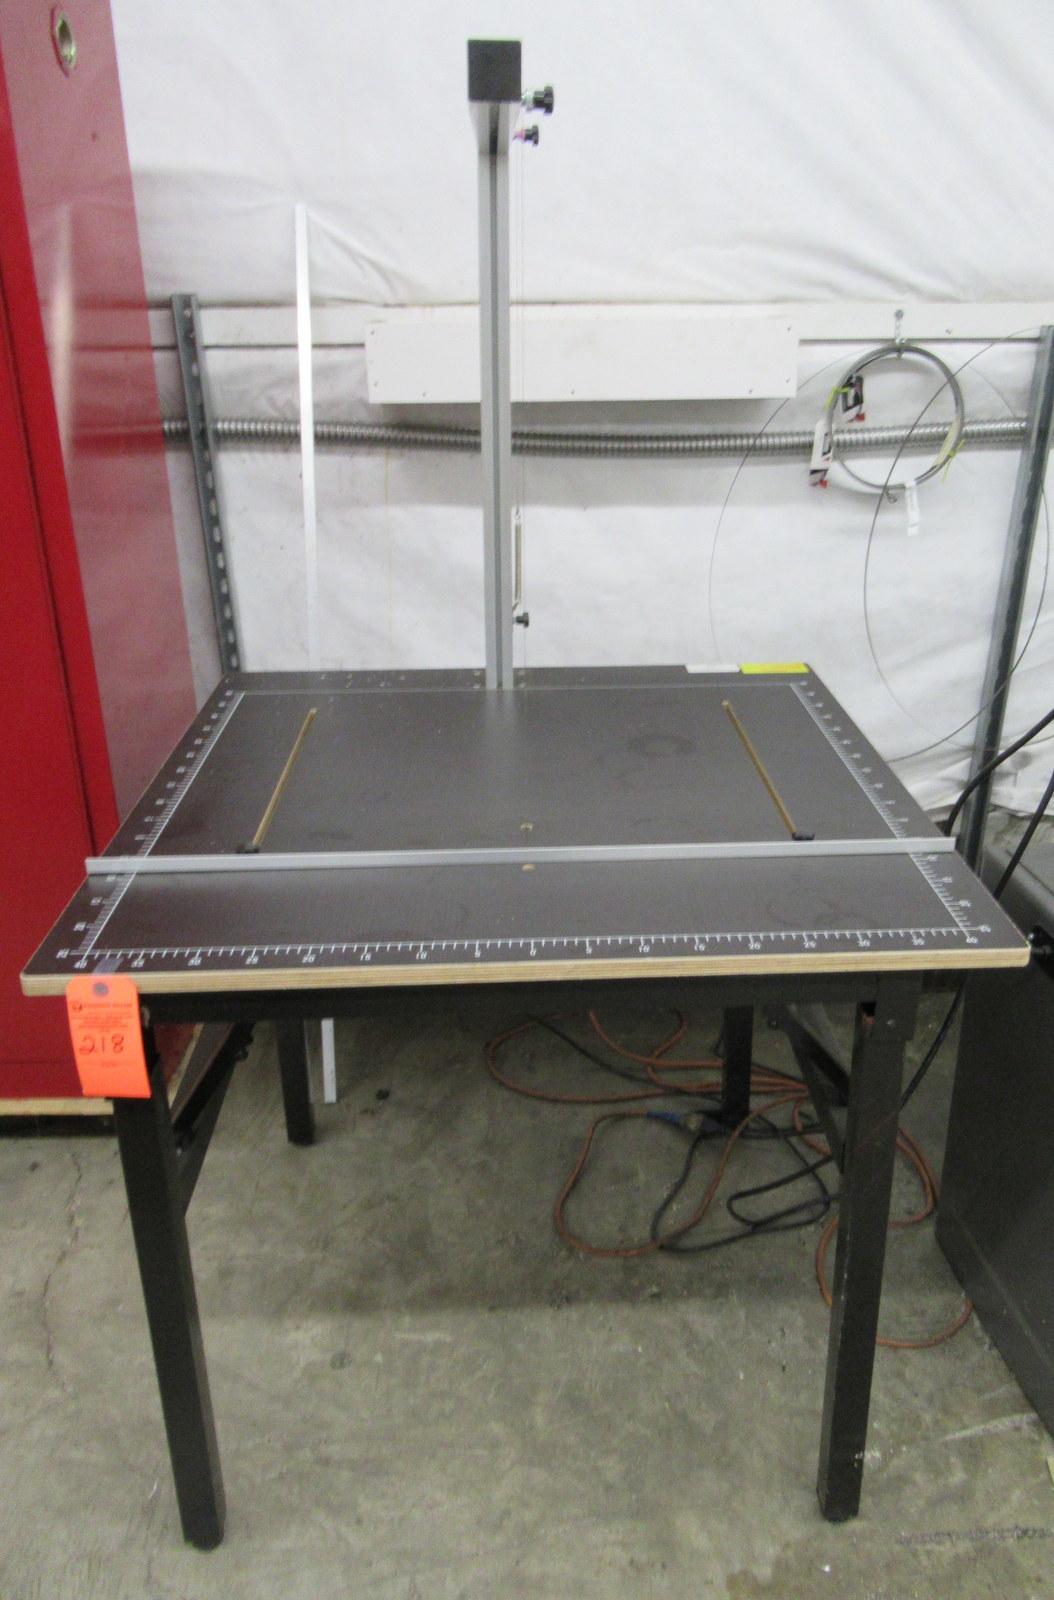 Lot 218 - Desktop Hot Wire Foam Cutting Machine Table 100V - 120V